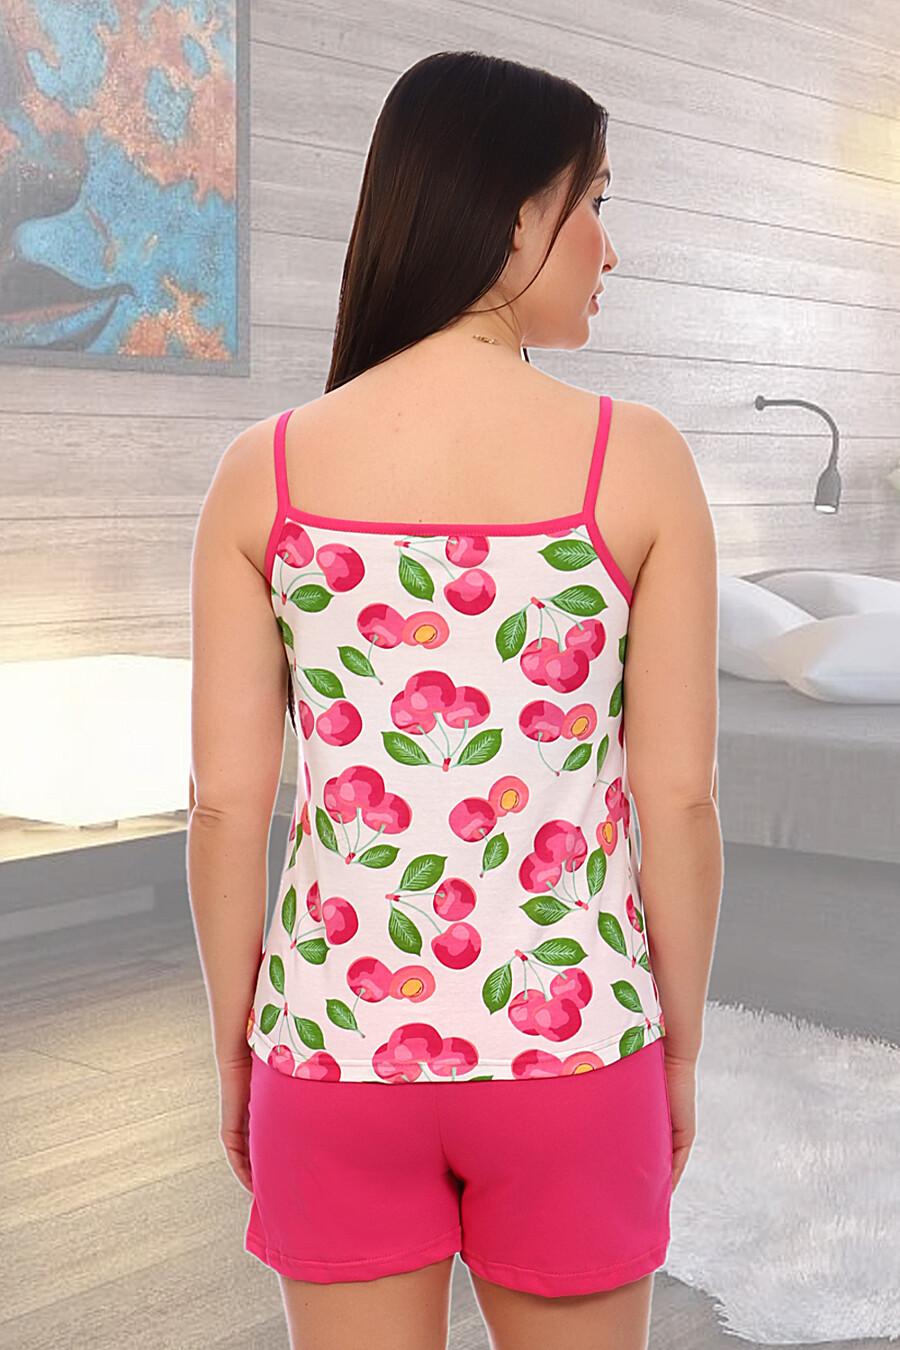 Пижама Удача для женщин НАТАЛИ 682843 купить оптом от производителя. Совместная покупка женской одежды в OptMoyo